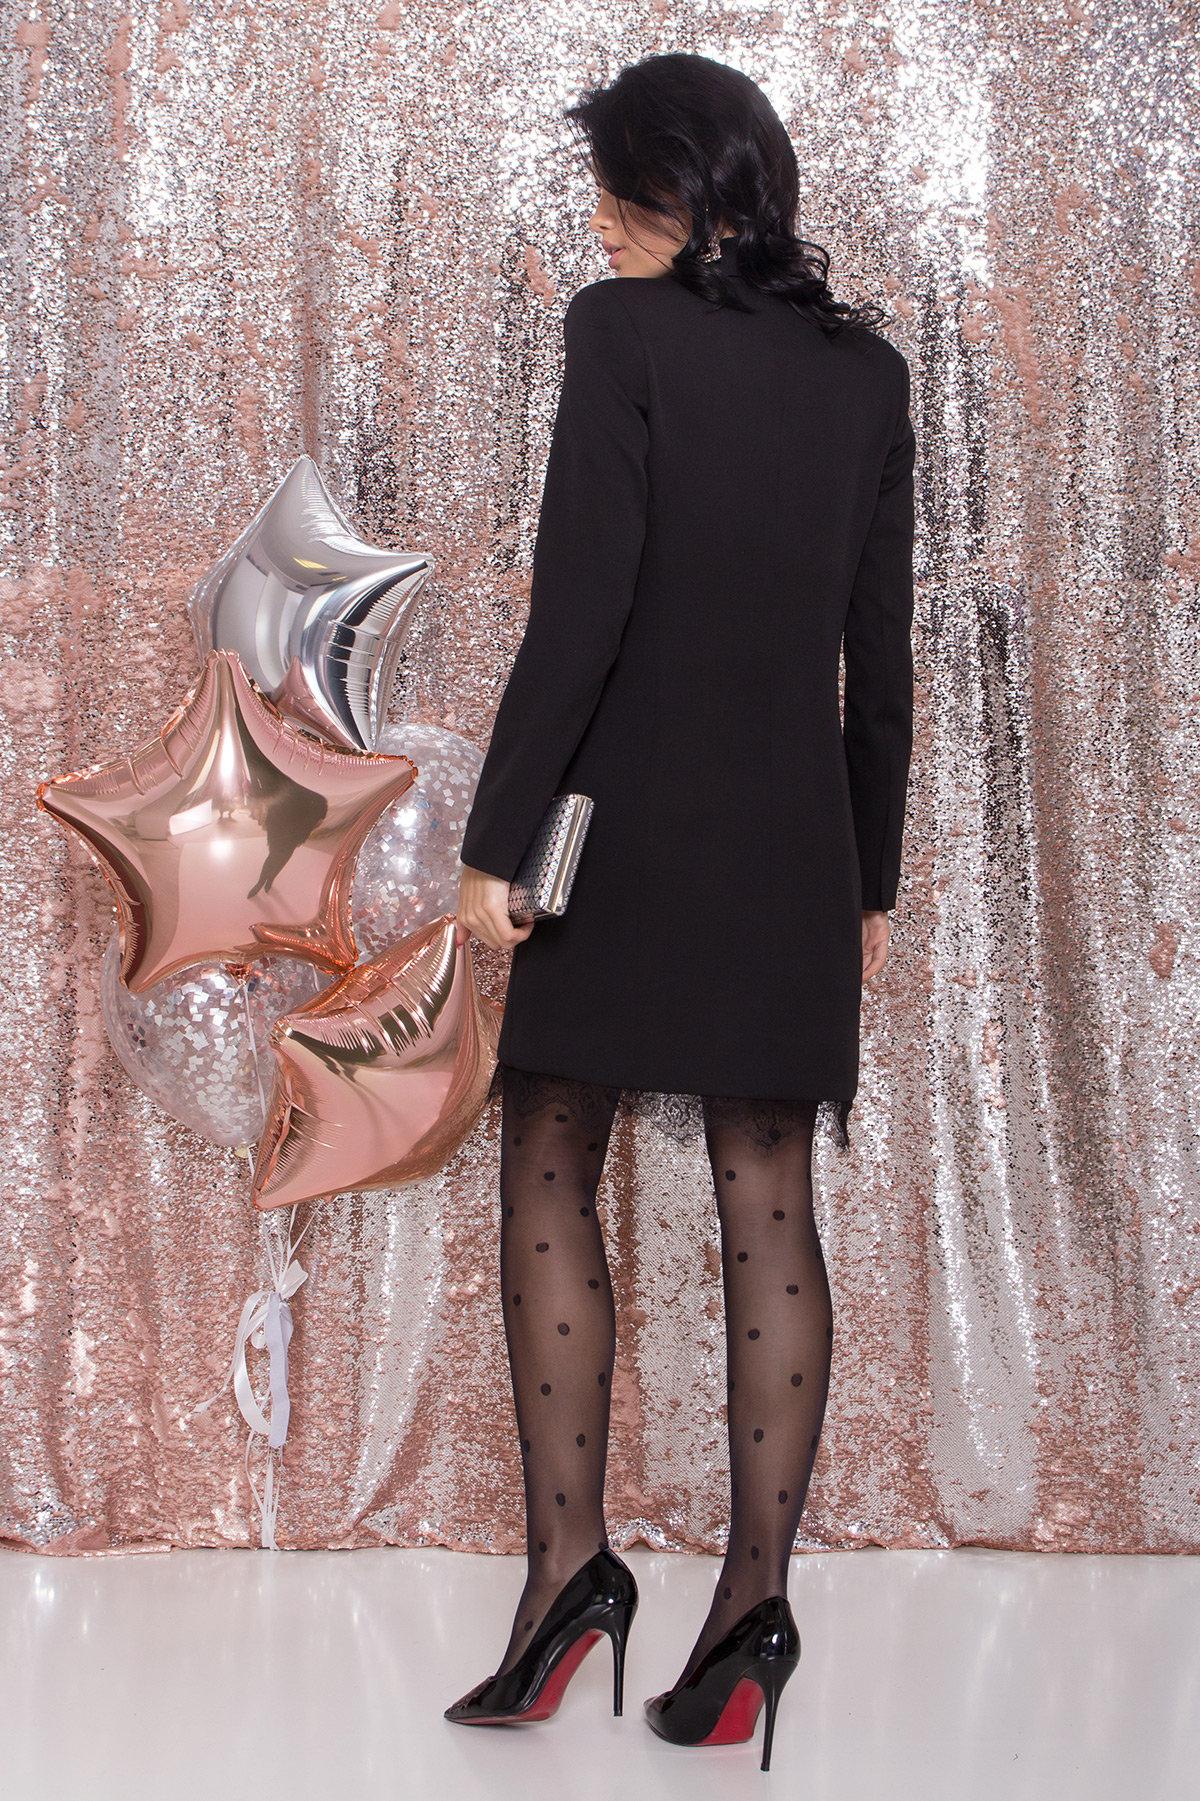 Платье-жакет Маренго 8426 АРТ. 44664 Цвет: Черный - фото 9, интернет магазин tm-modus.ru